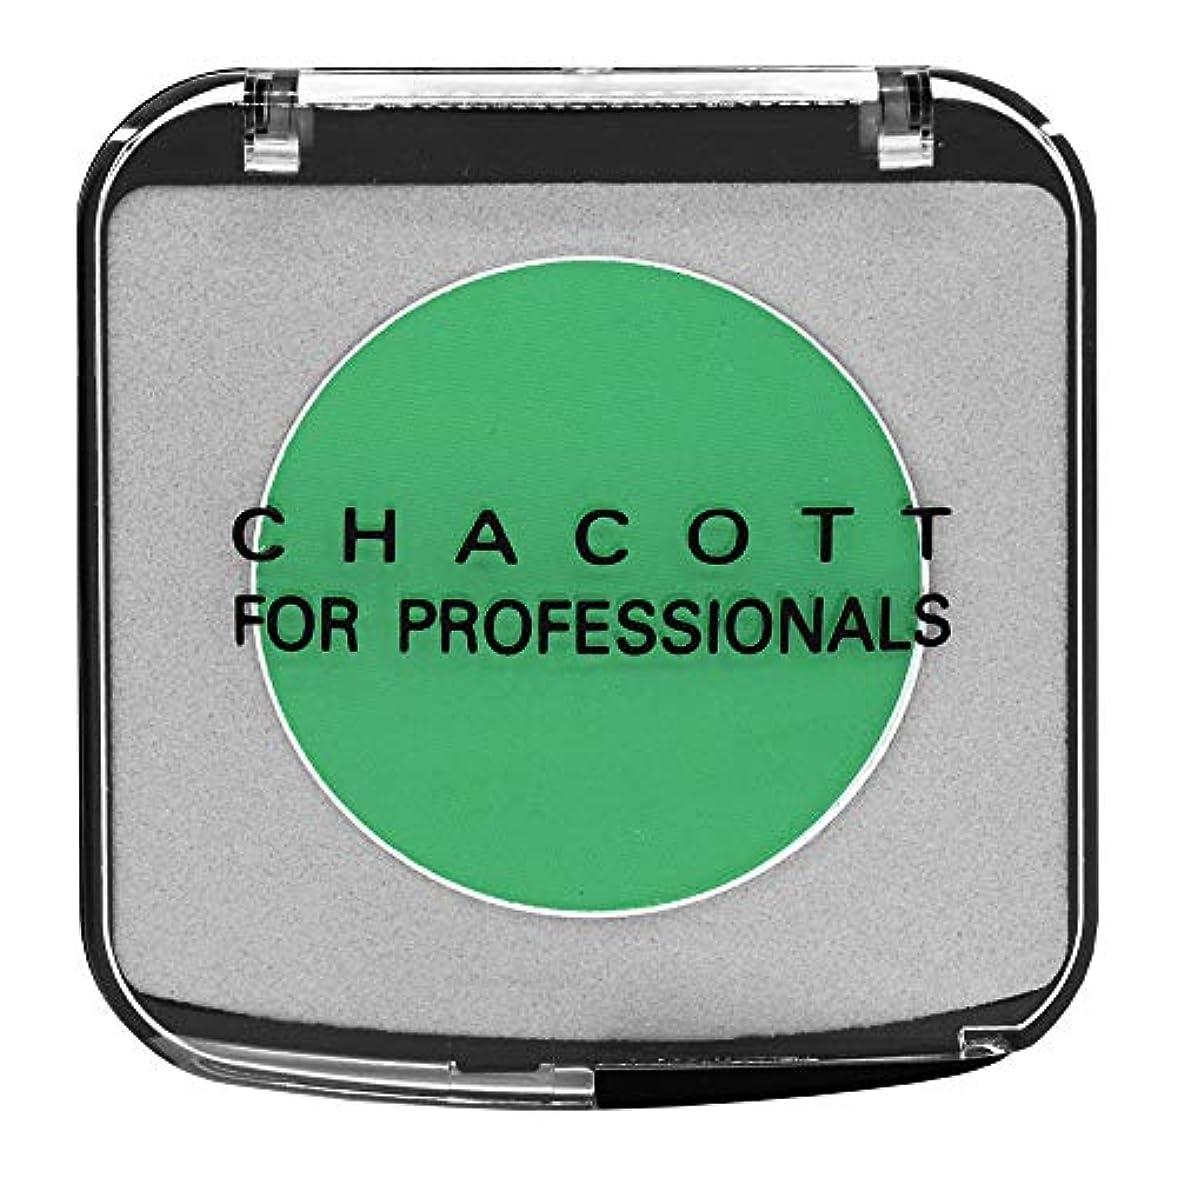 医療の要求する委託CHACOTT<チャコット> カラーバリエーション 633.グラスグリーン